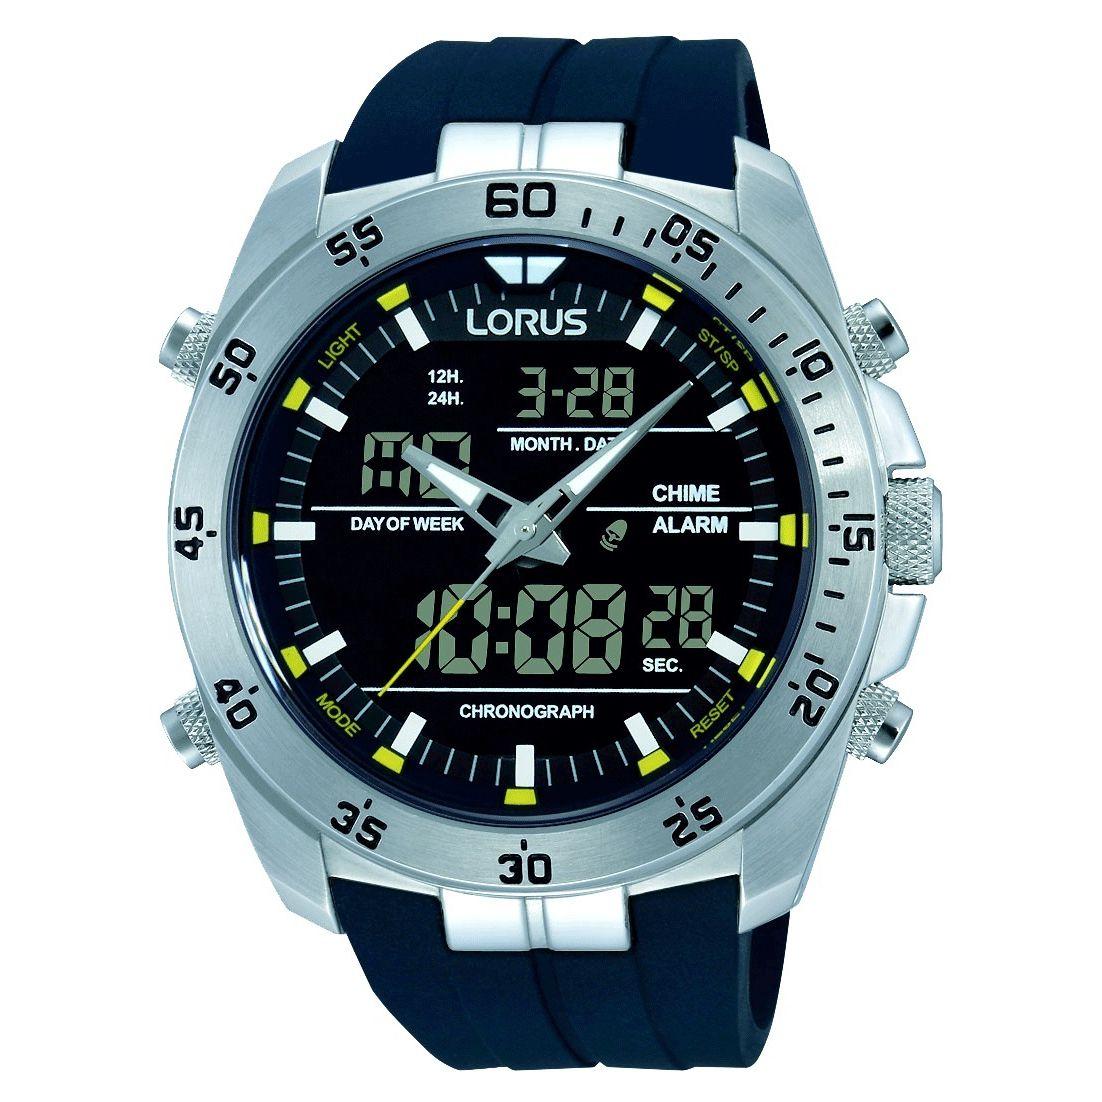 selezione straordinaria New York outlet in vendita orologio Lorus uomo RW619AX9 ean:4894138322433